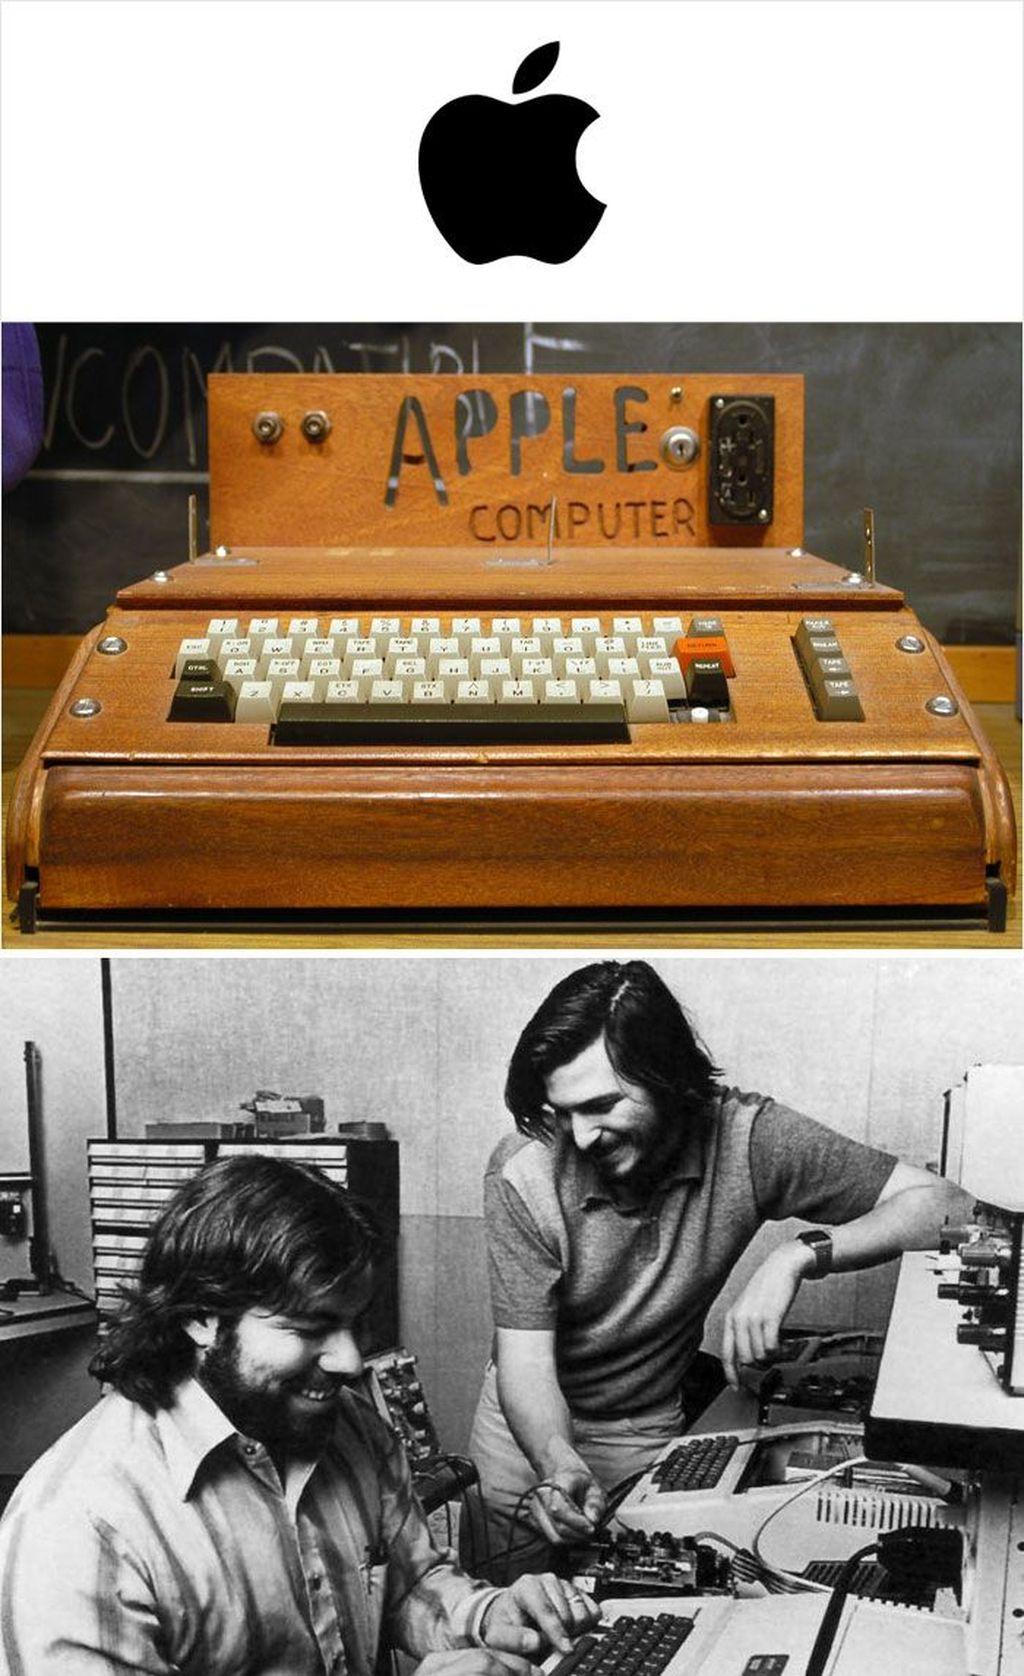 Steve Jobs, Steve Wozniak, dan Ronald Wayne menjadi sosok pendiri Apple. Microcomputer Apple I sendiri dirancang oleh Wozniak pada tahun 1975. Penjualan yang relatif sukses ikut mendorong lahirnya Apple II. (Foto: via Boredpanda.com)